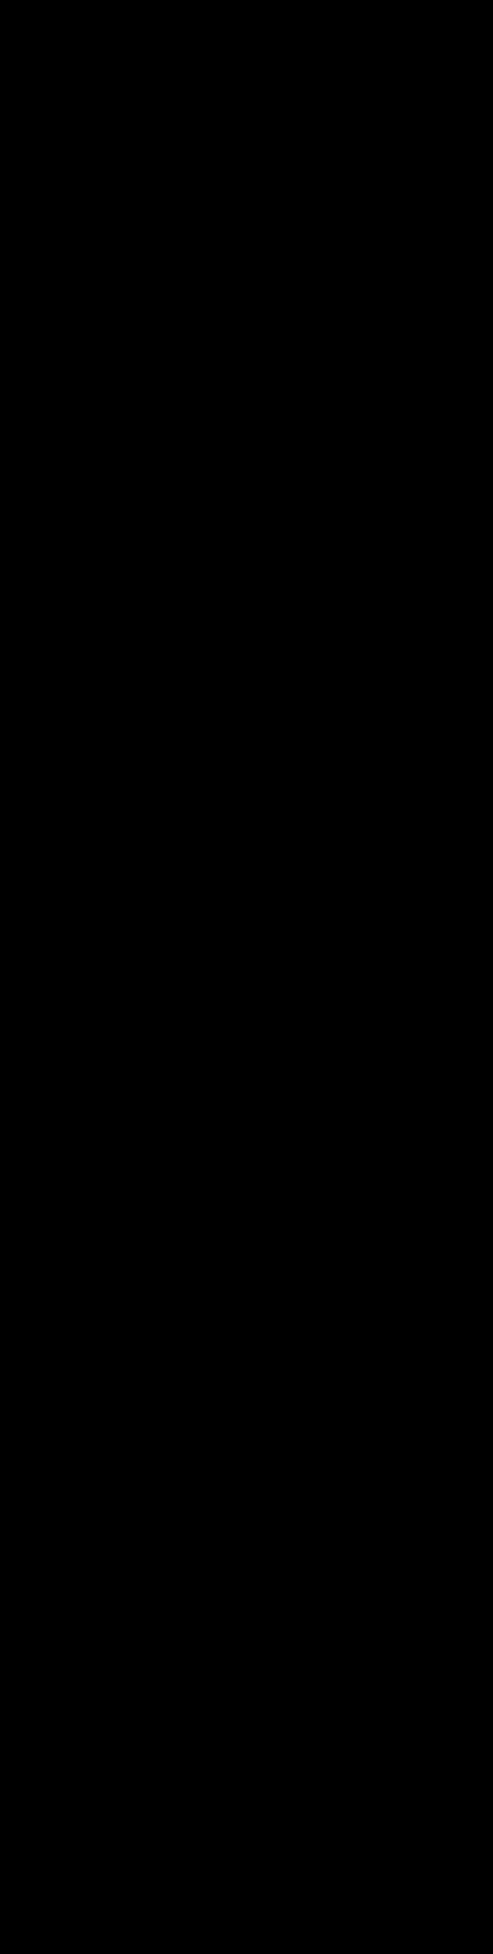 คอร์ดกีต้า คอร์ดกีต้า เพลง เพลงประกอบละคร (ภูติพิศวาส)